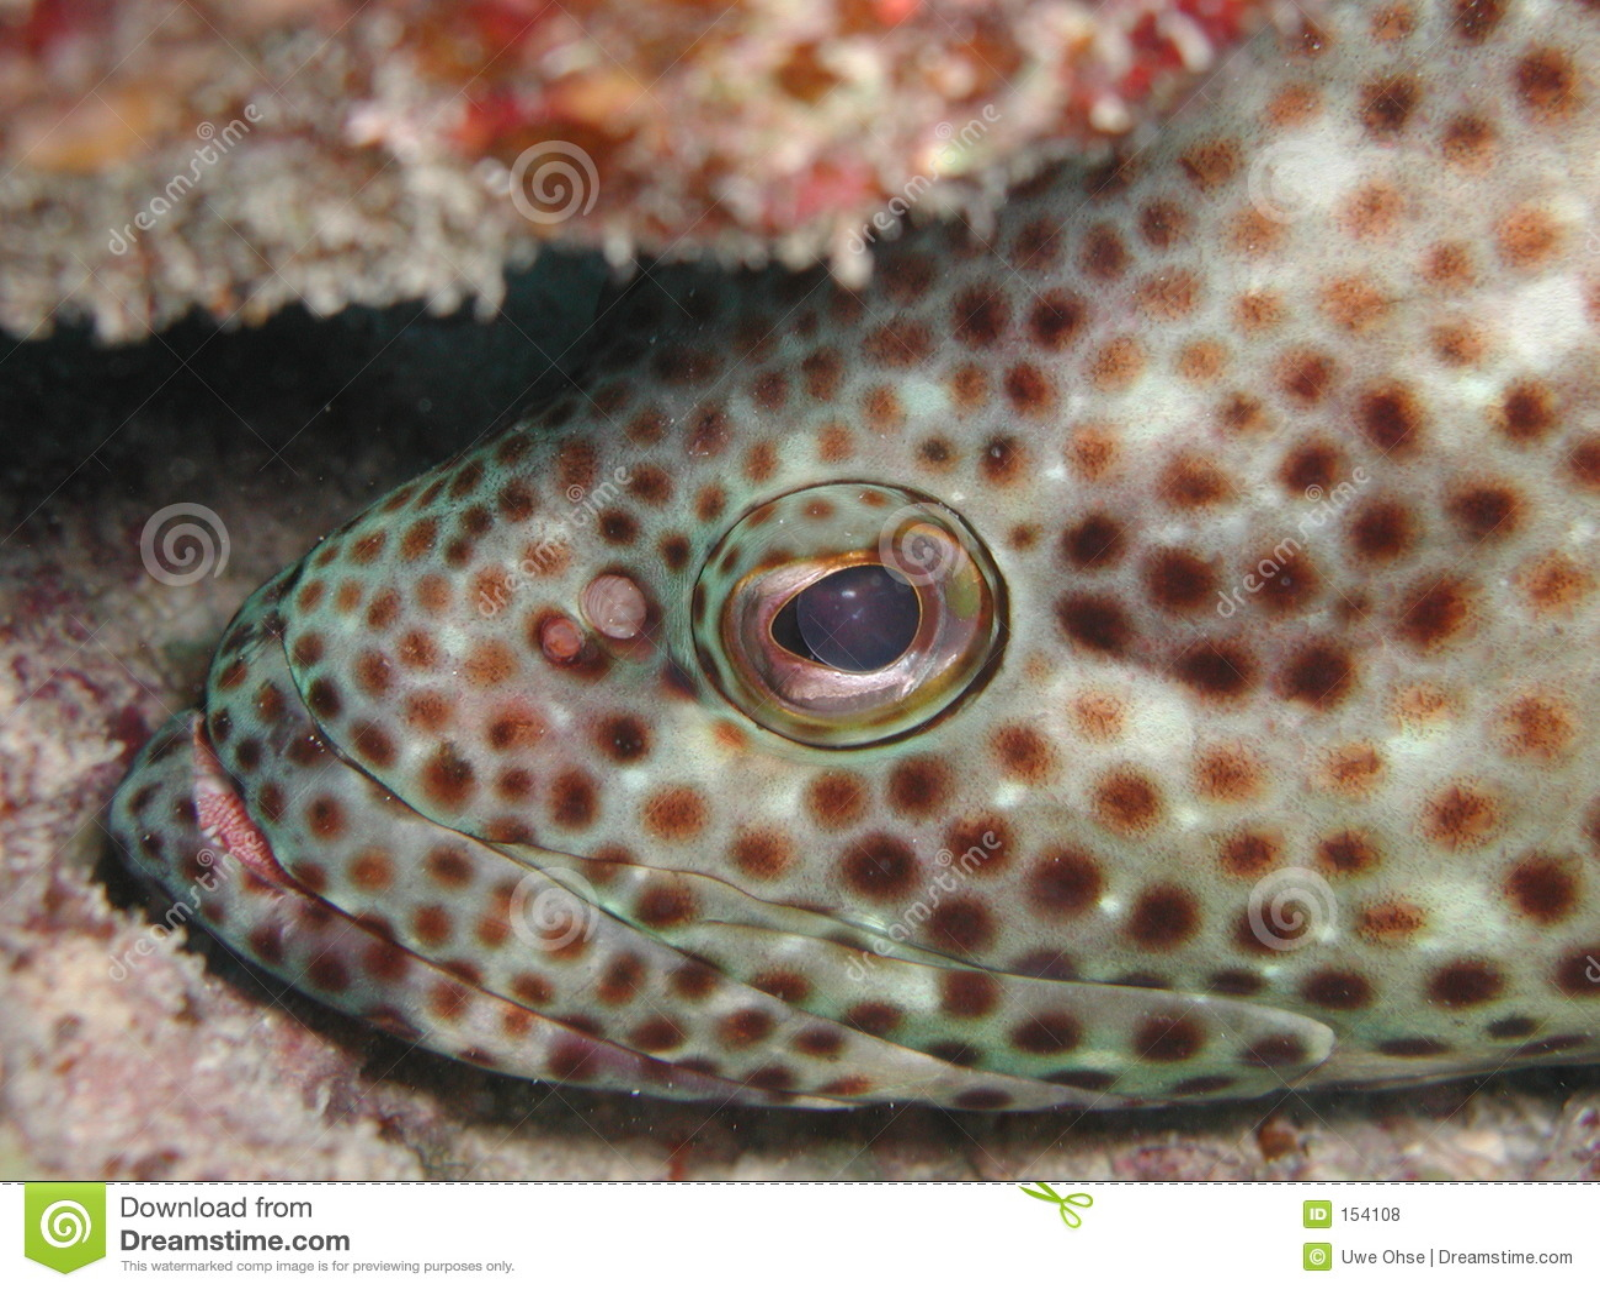 油腻石斑鱼